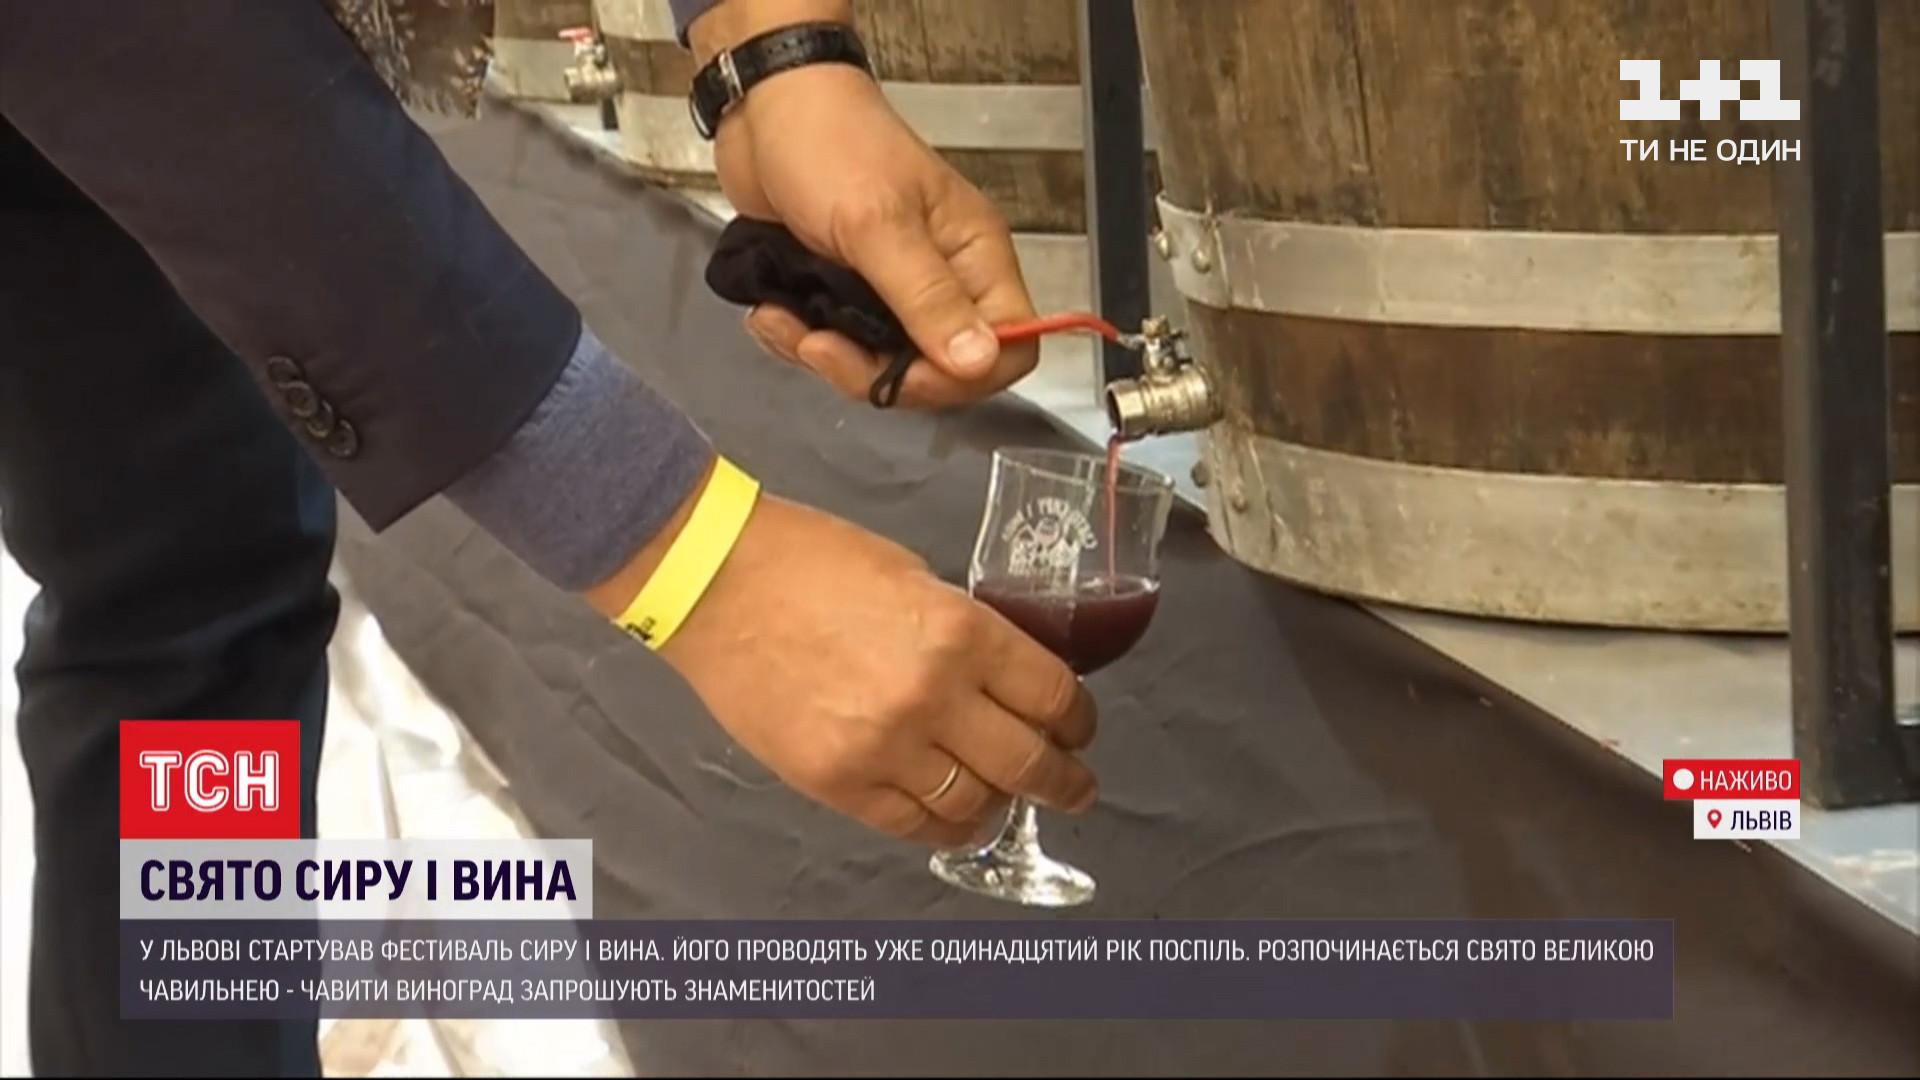 За кілька хвилин учасники почавили майже тонну винограду/ скріншот з відео